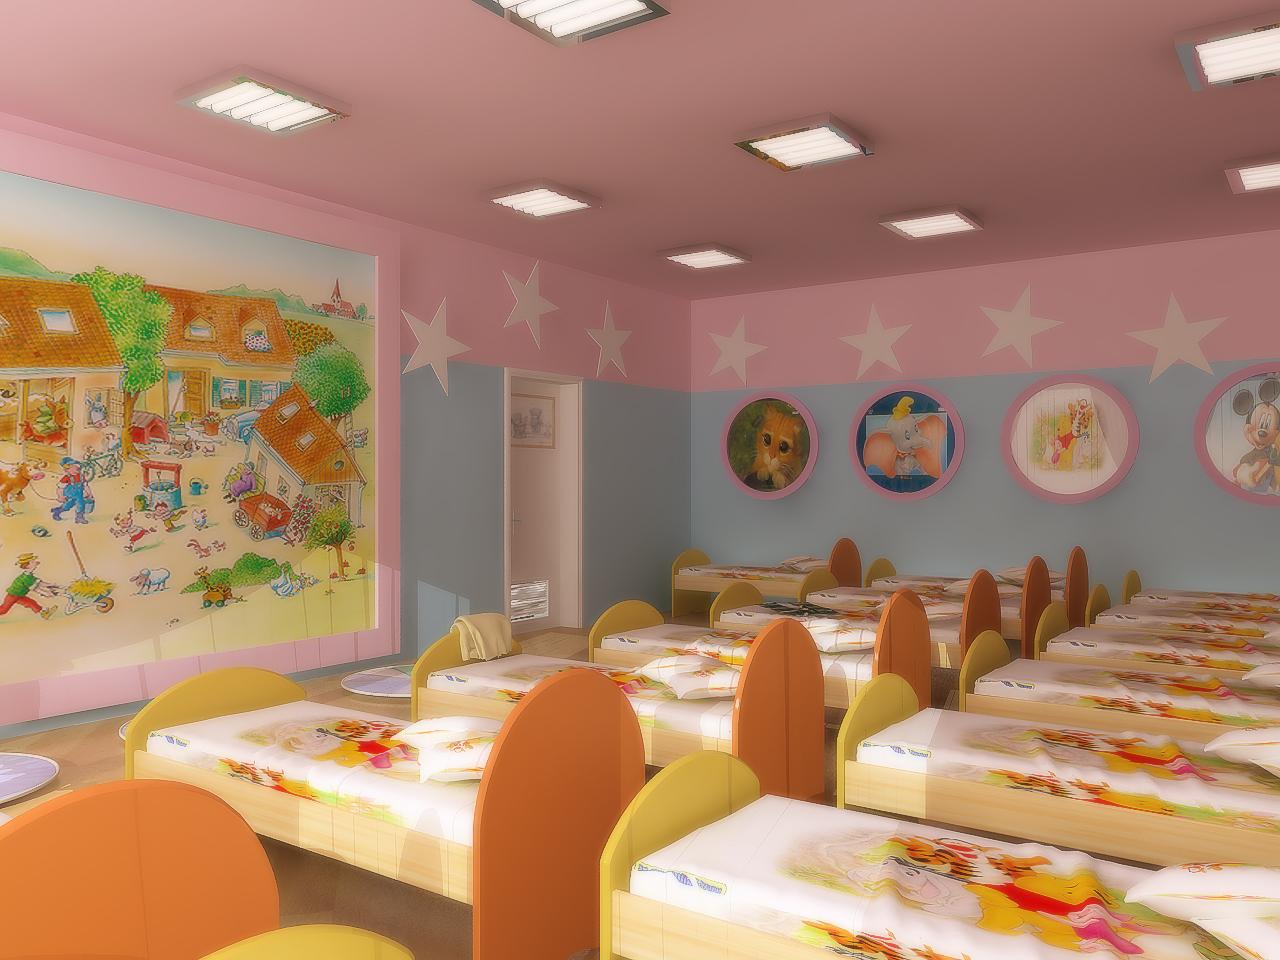 Картинка спальни для детей в детском саду